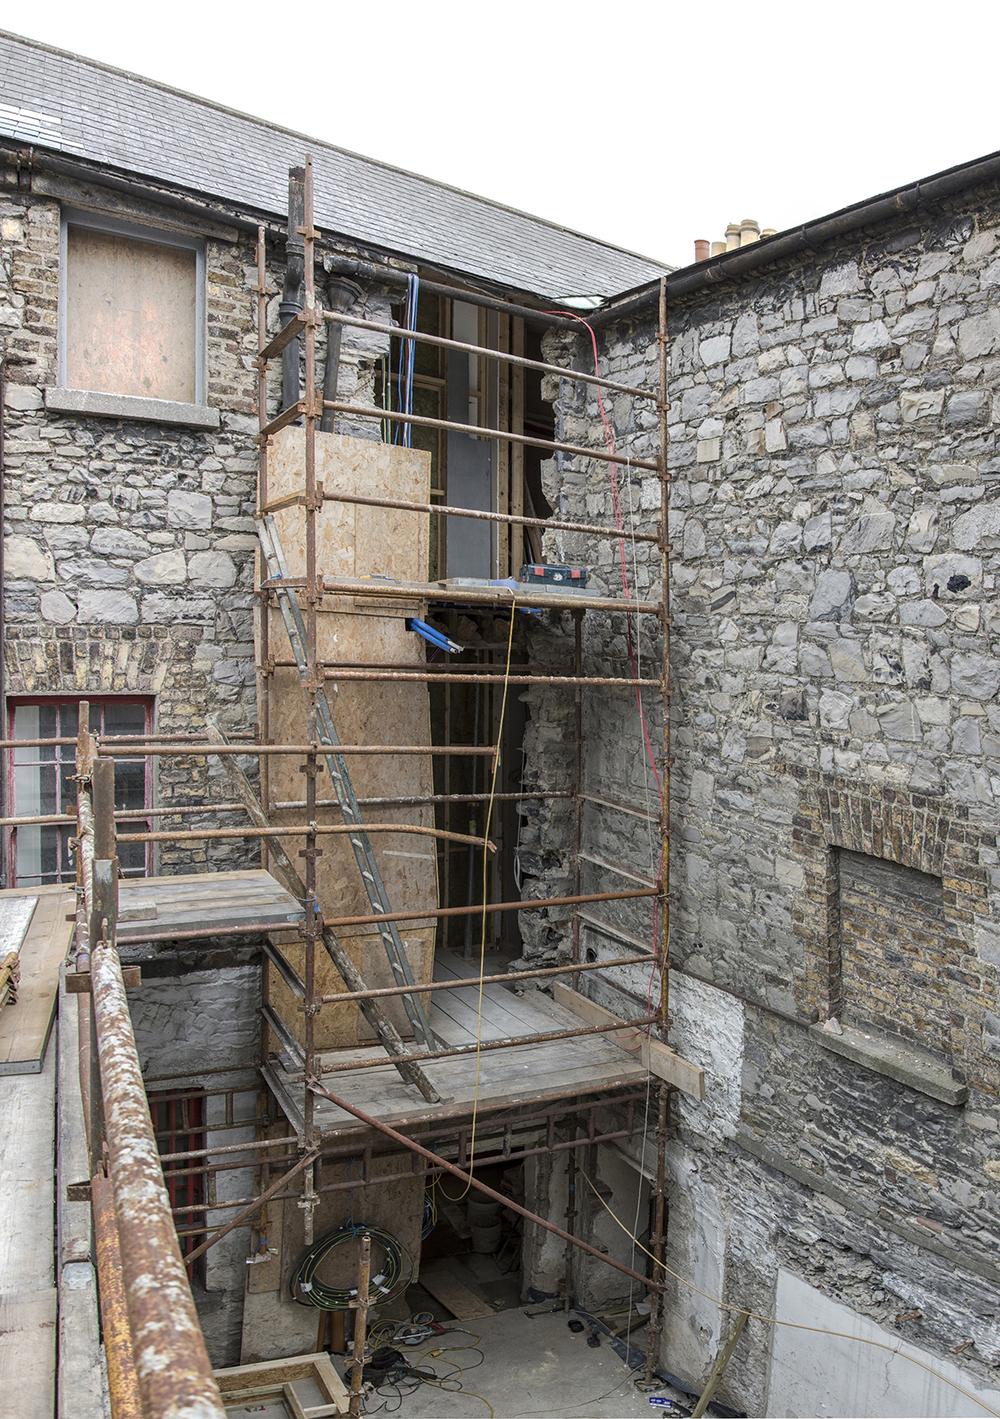 Lad Lane Courtyard Pano.jpg